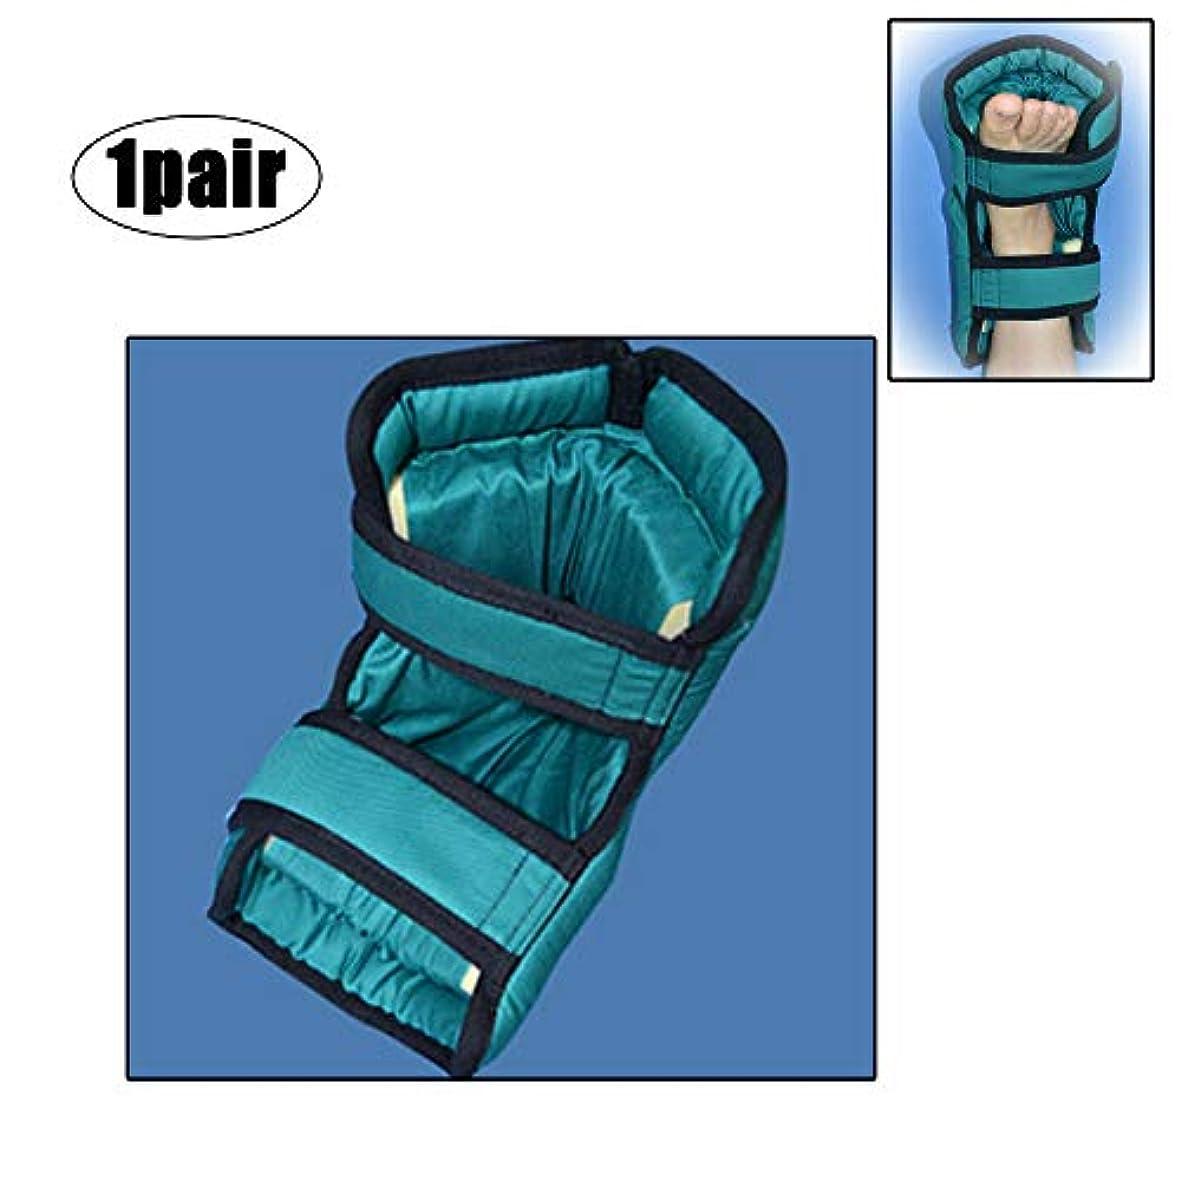 洞察力前置詞北ヒールプロテクター、部分的外傷| 車椅子| 高齢者の足の補正カバー、青緑